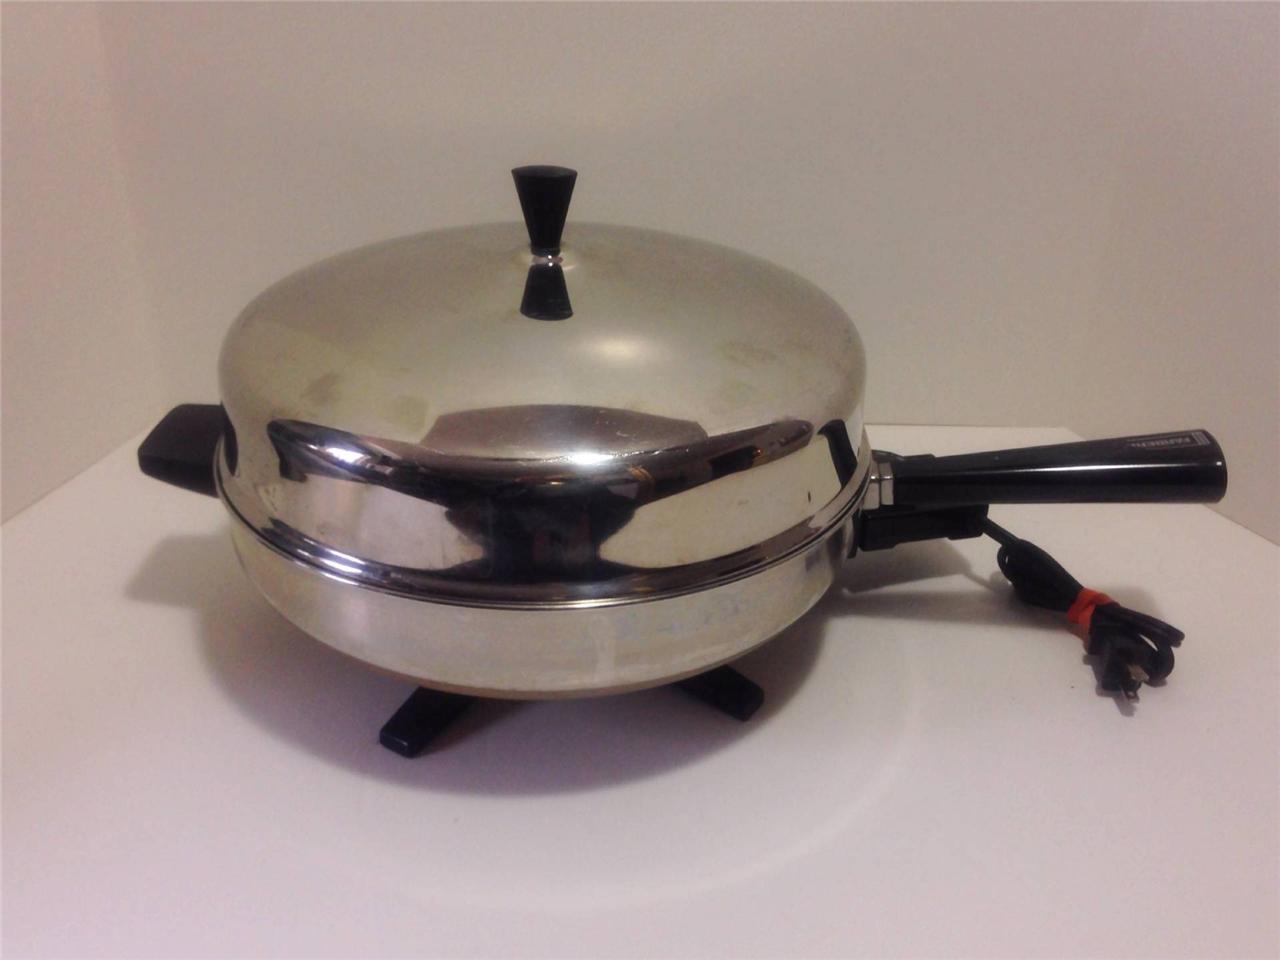 Farberware Electric Skillet Fry Pan 12 And 50 Similar Items